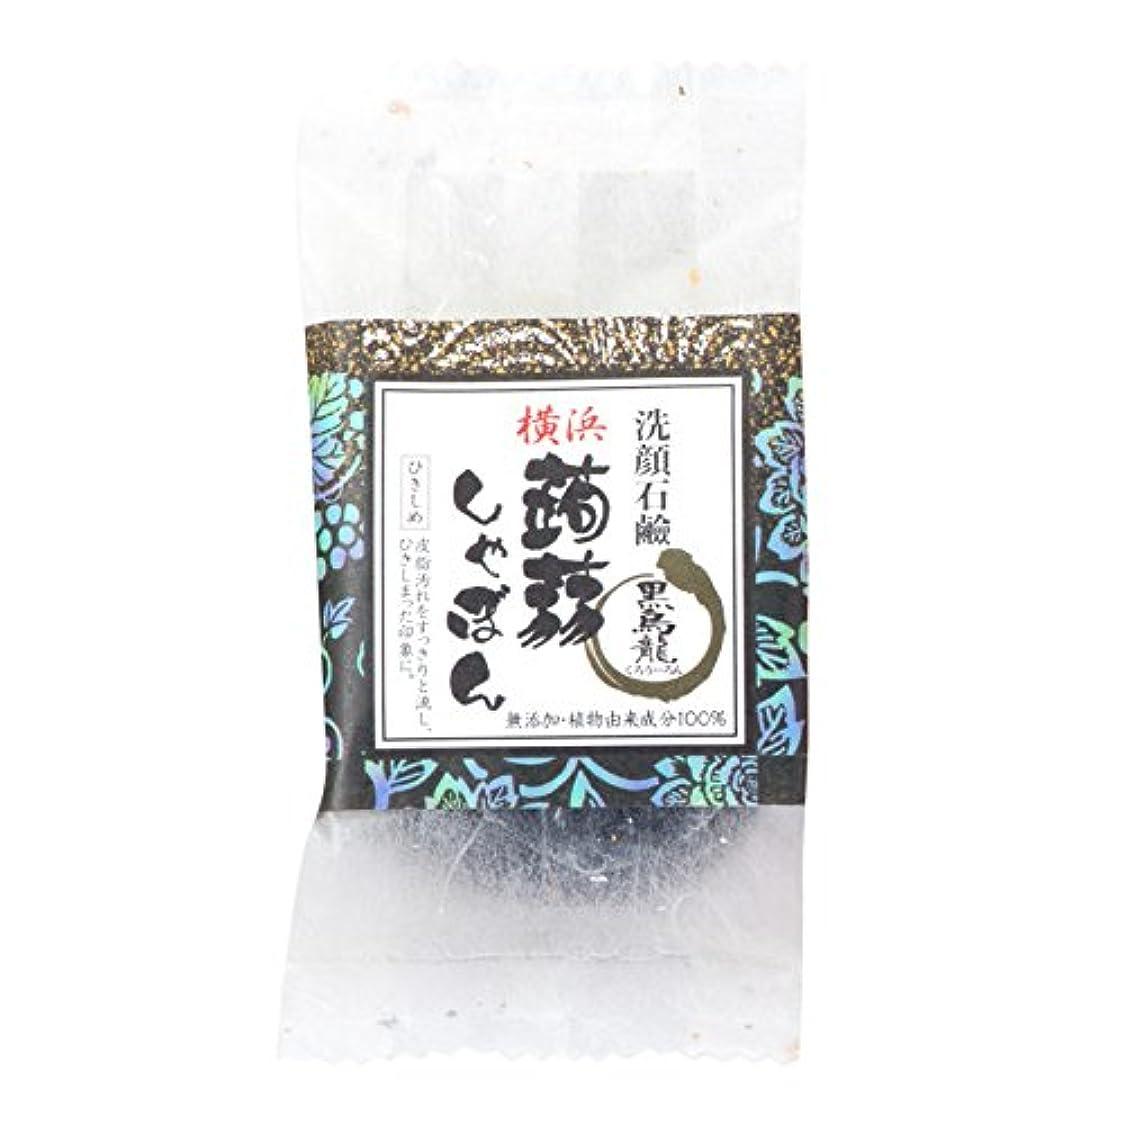 ペンフレンド子羊気質横浜蒟蒻しゃぼん横浜 黒烏龍(くろうーろん)